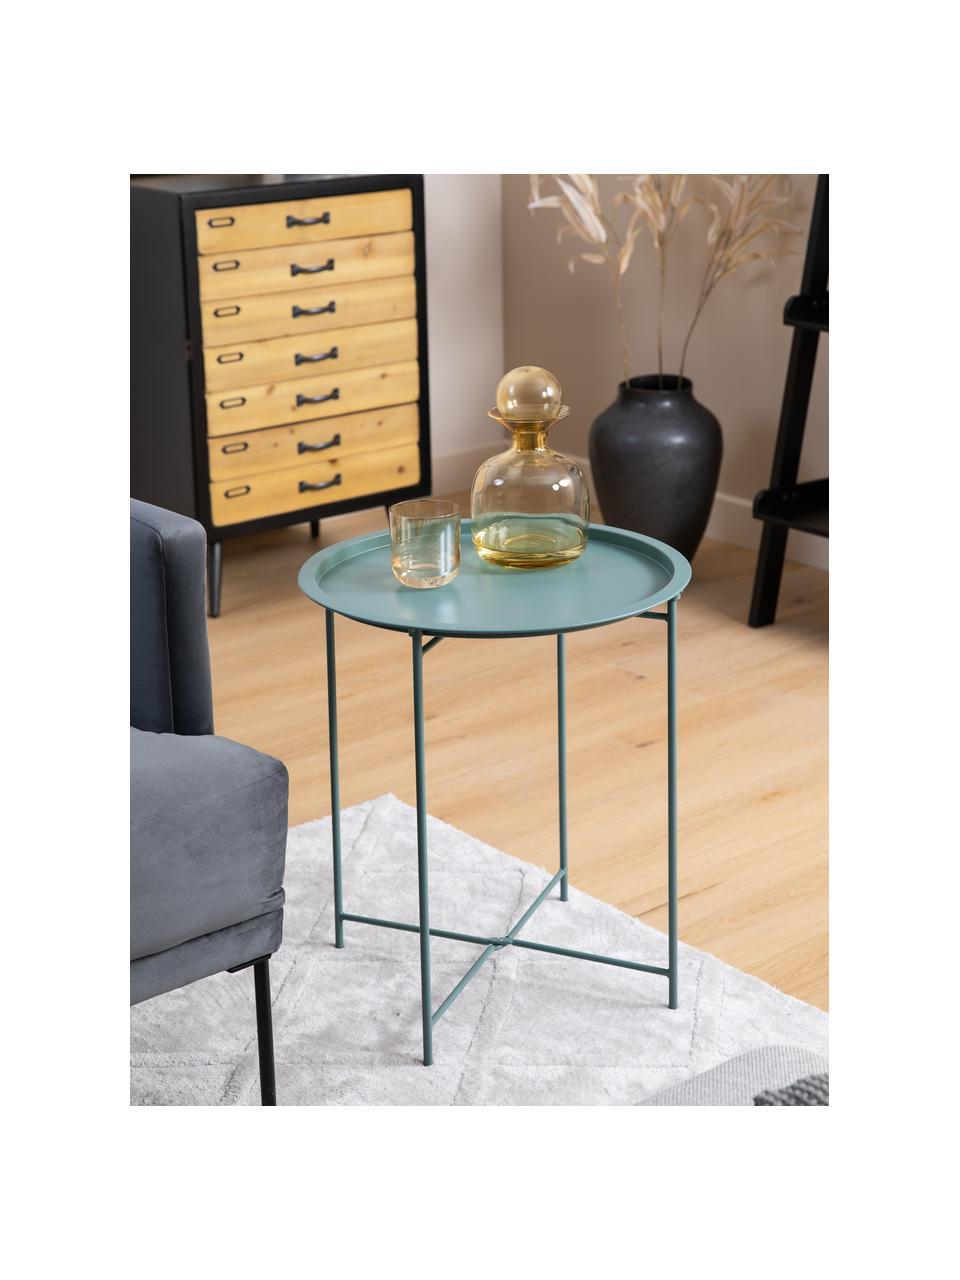 Tablett-Tisch Sangro aus Metall, Metall, pulverbeschichtet, Grün, Ø 46 x H 52 cm